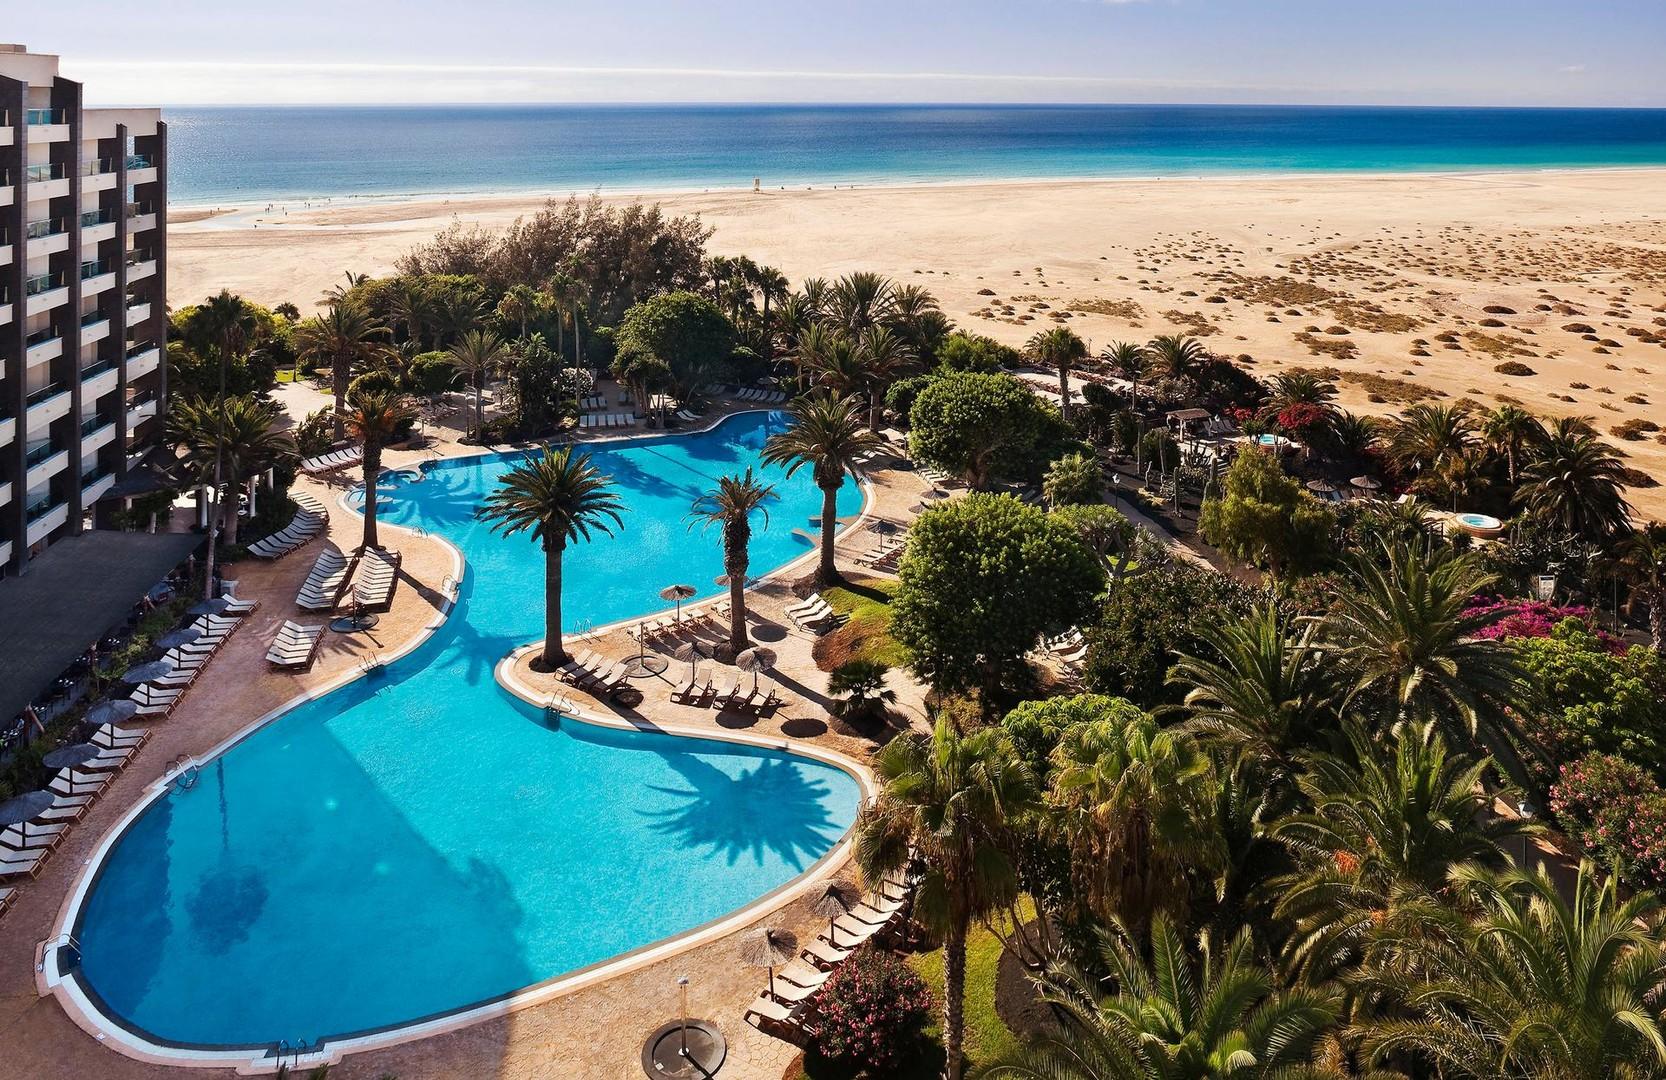 Hotel Meliá Fuerteventura #2